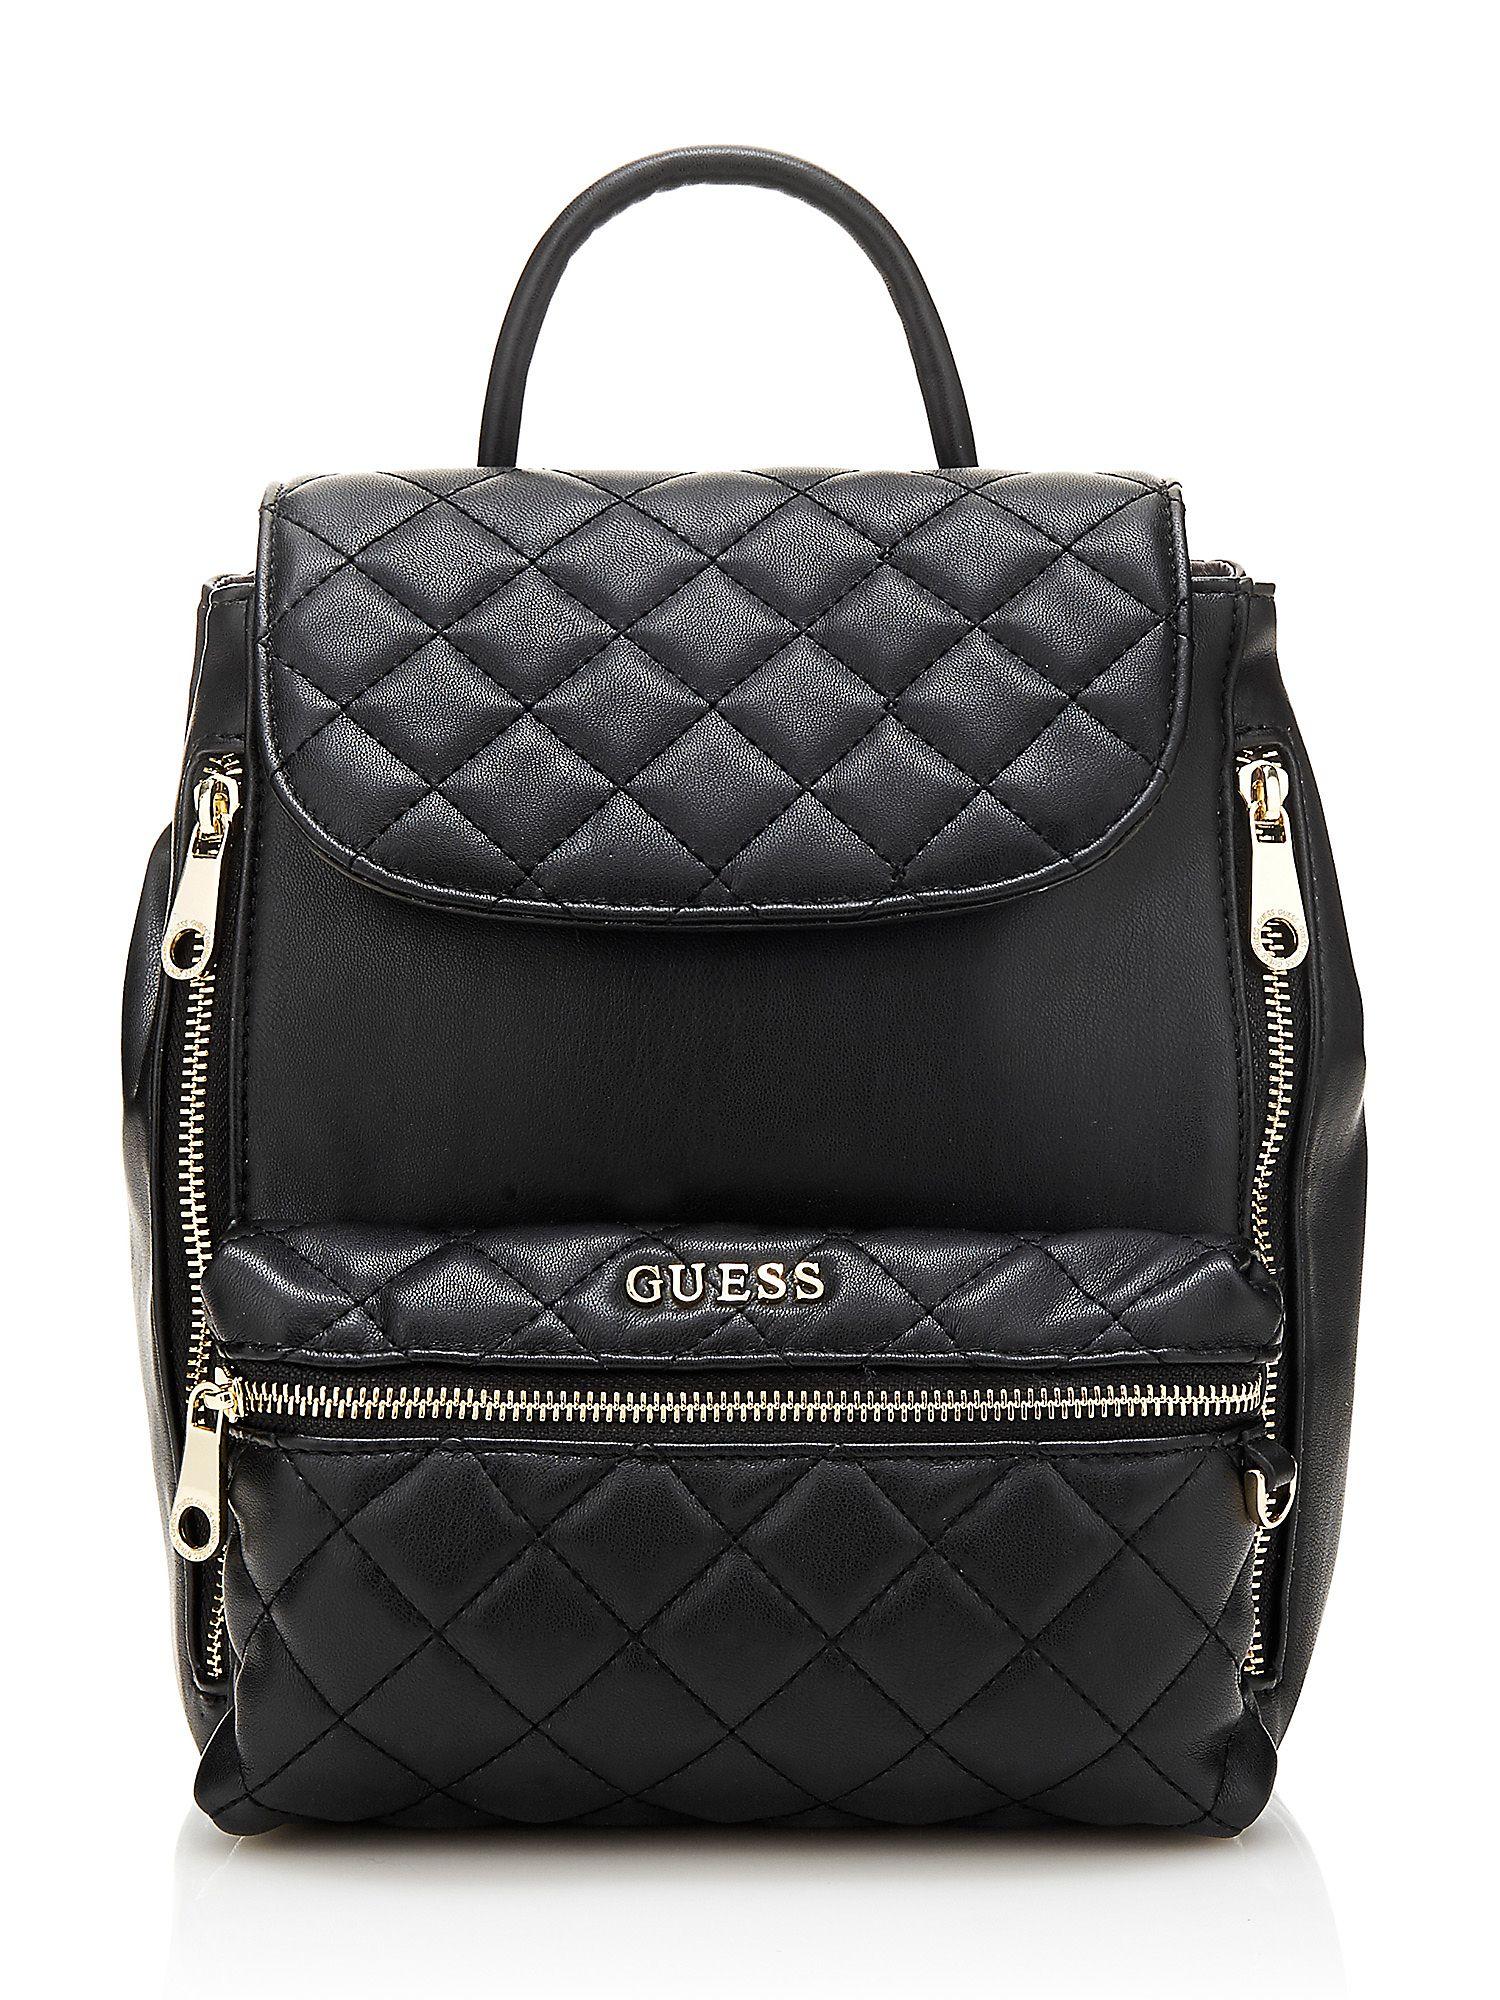 Zaino Guess: il must have degli accessori per uno stile